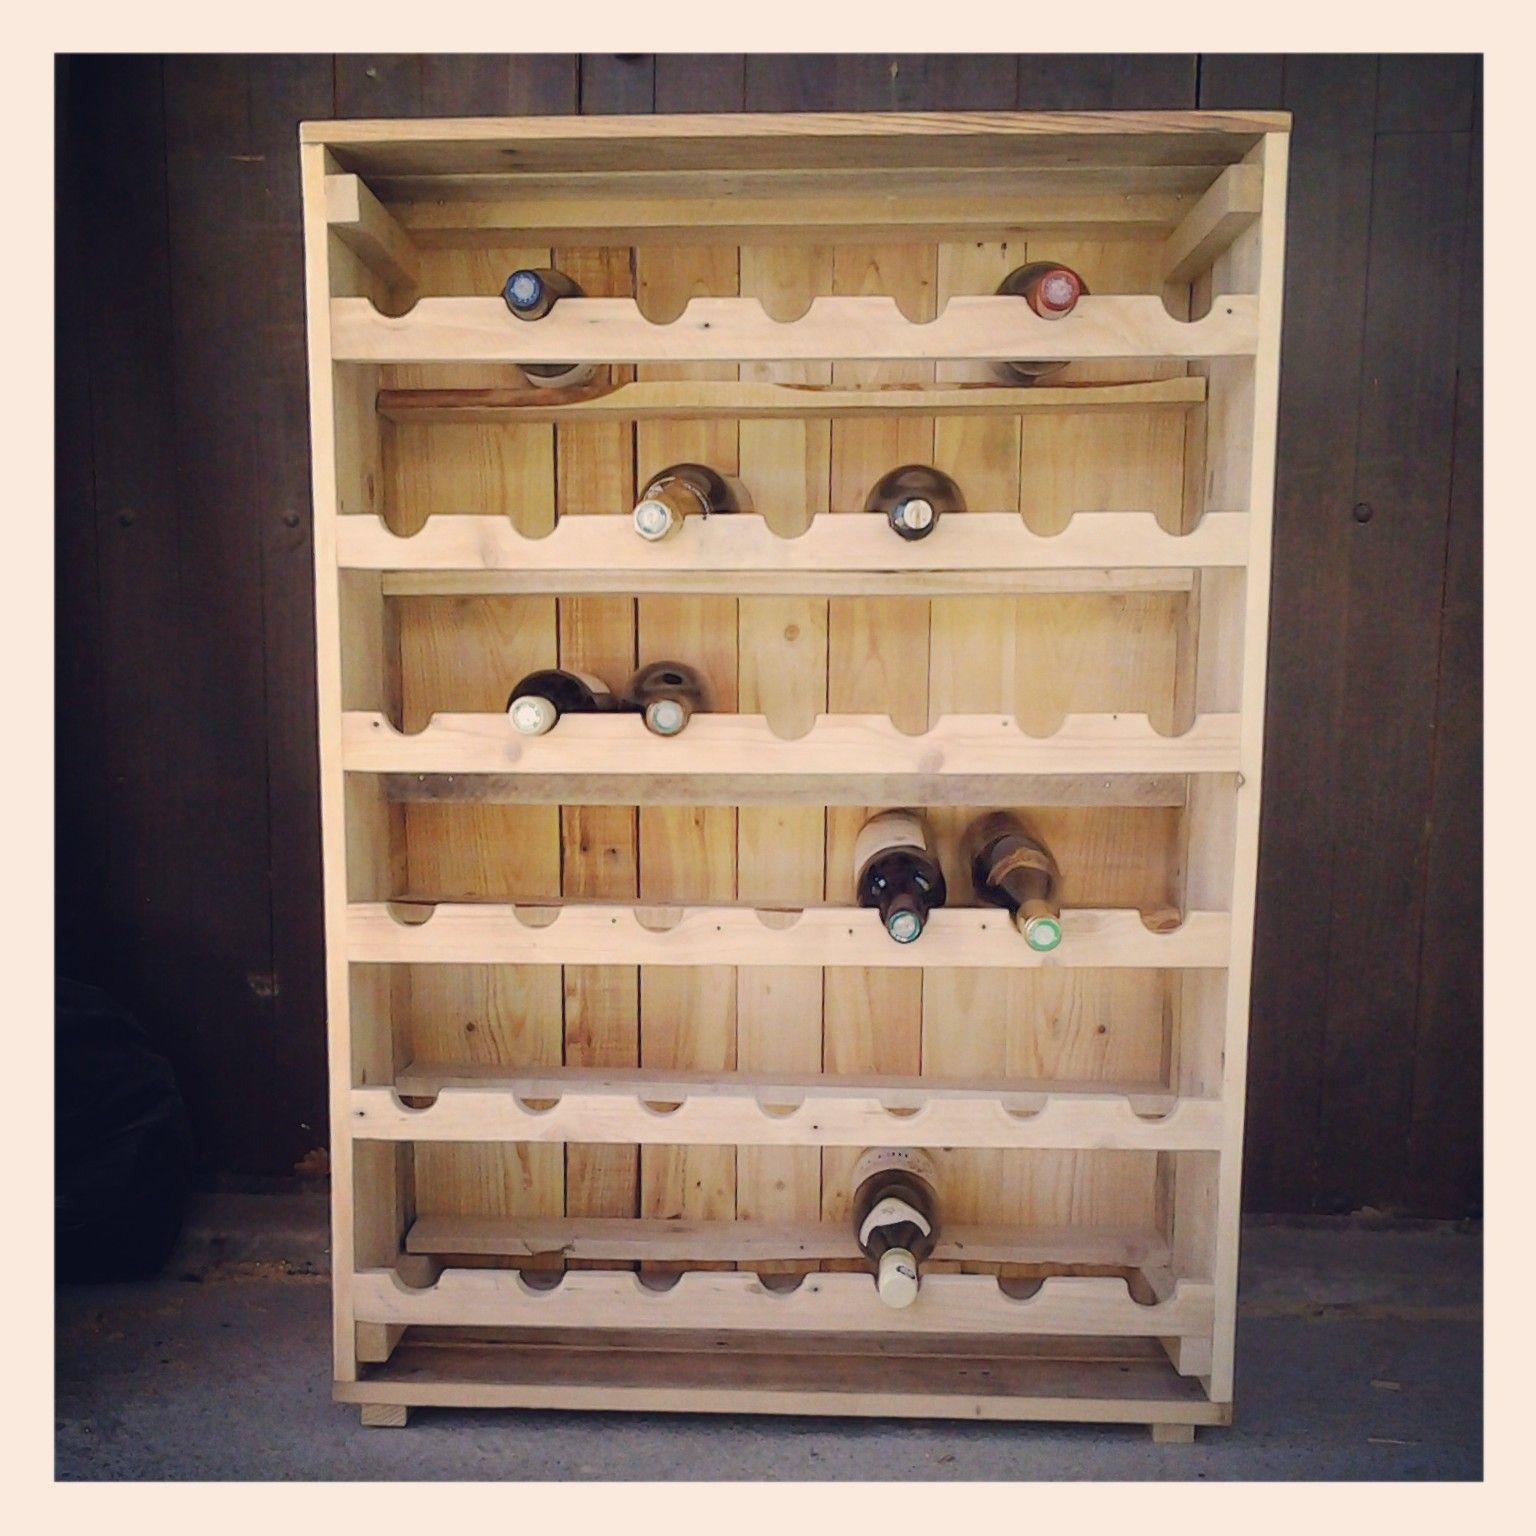 Range Bouteille Bar Bois - Autour Du Vin Rangement Pour Bouteilles Et Bar I 3 Wine [mjhdah]http://baise19.com/wp-content/uploads/2018/01/table-haute-en-bois-table-de-bar-en-bois-blanc-laque-avec-range-bouteilles-de-table-haute-en-bois.jpg